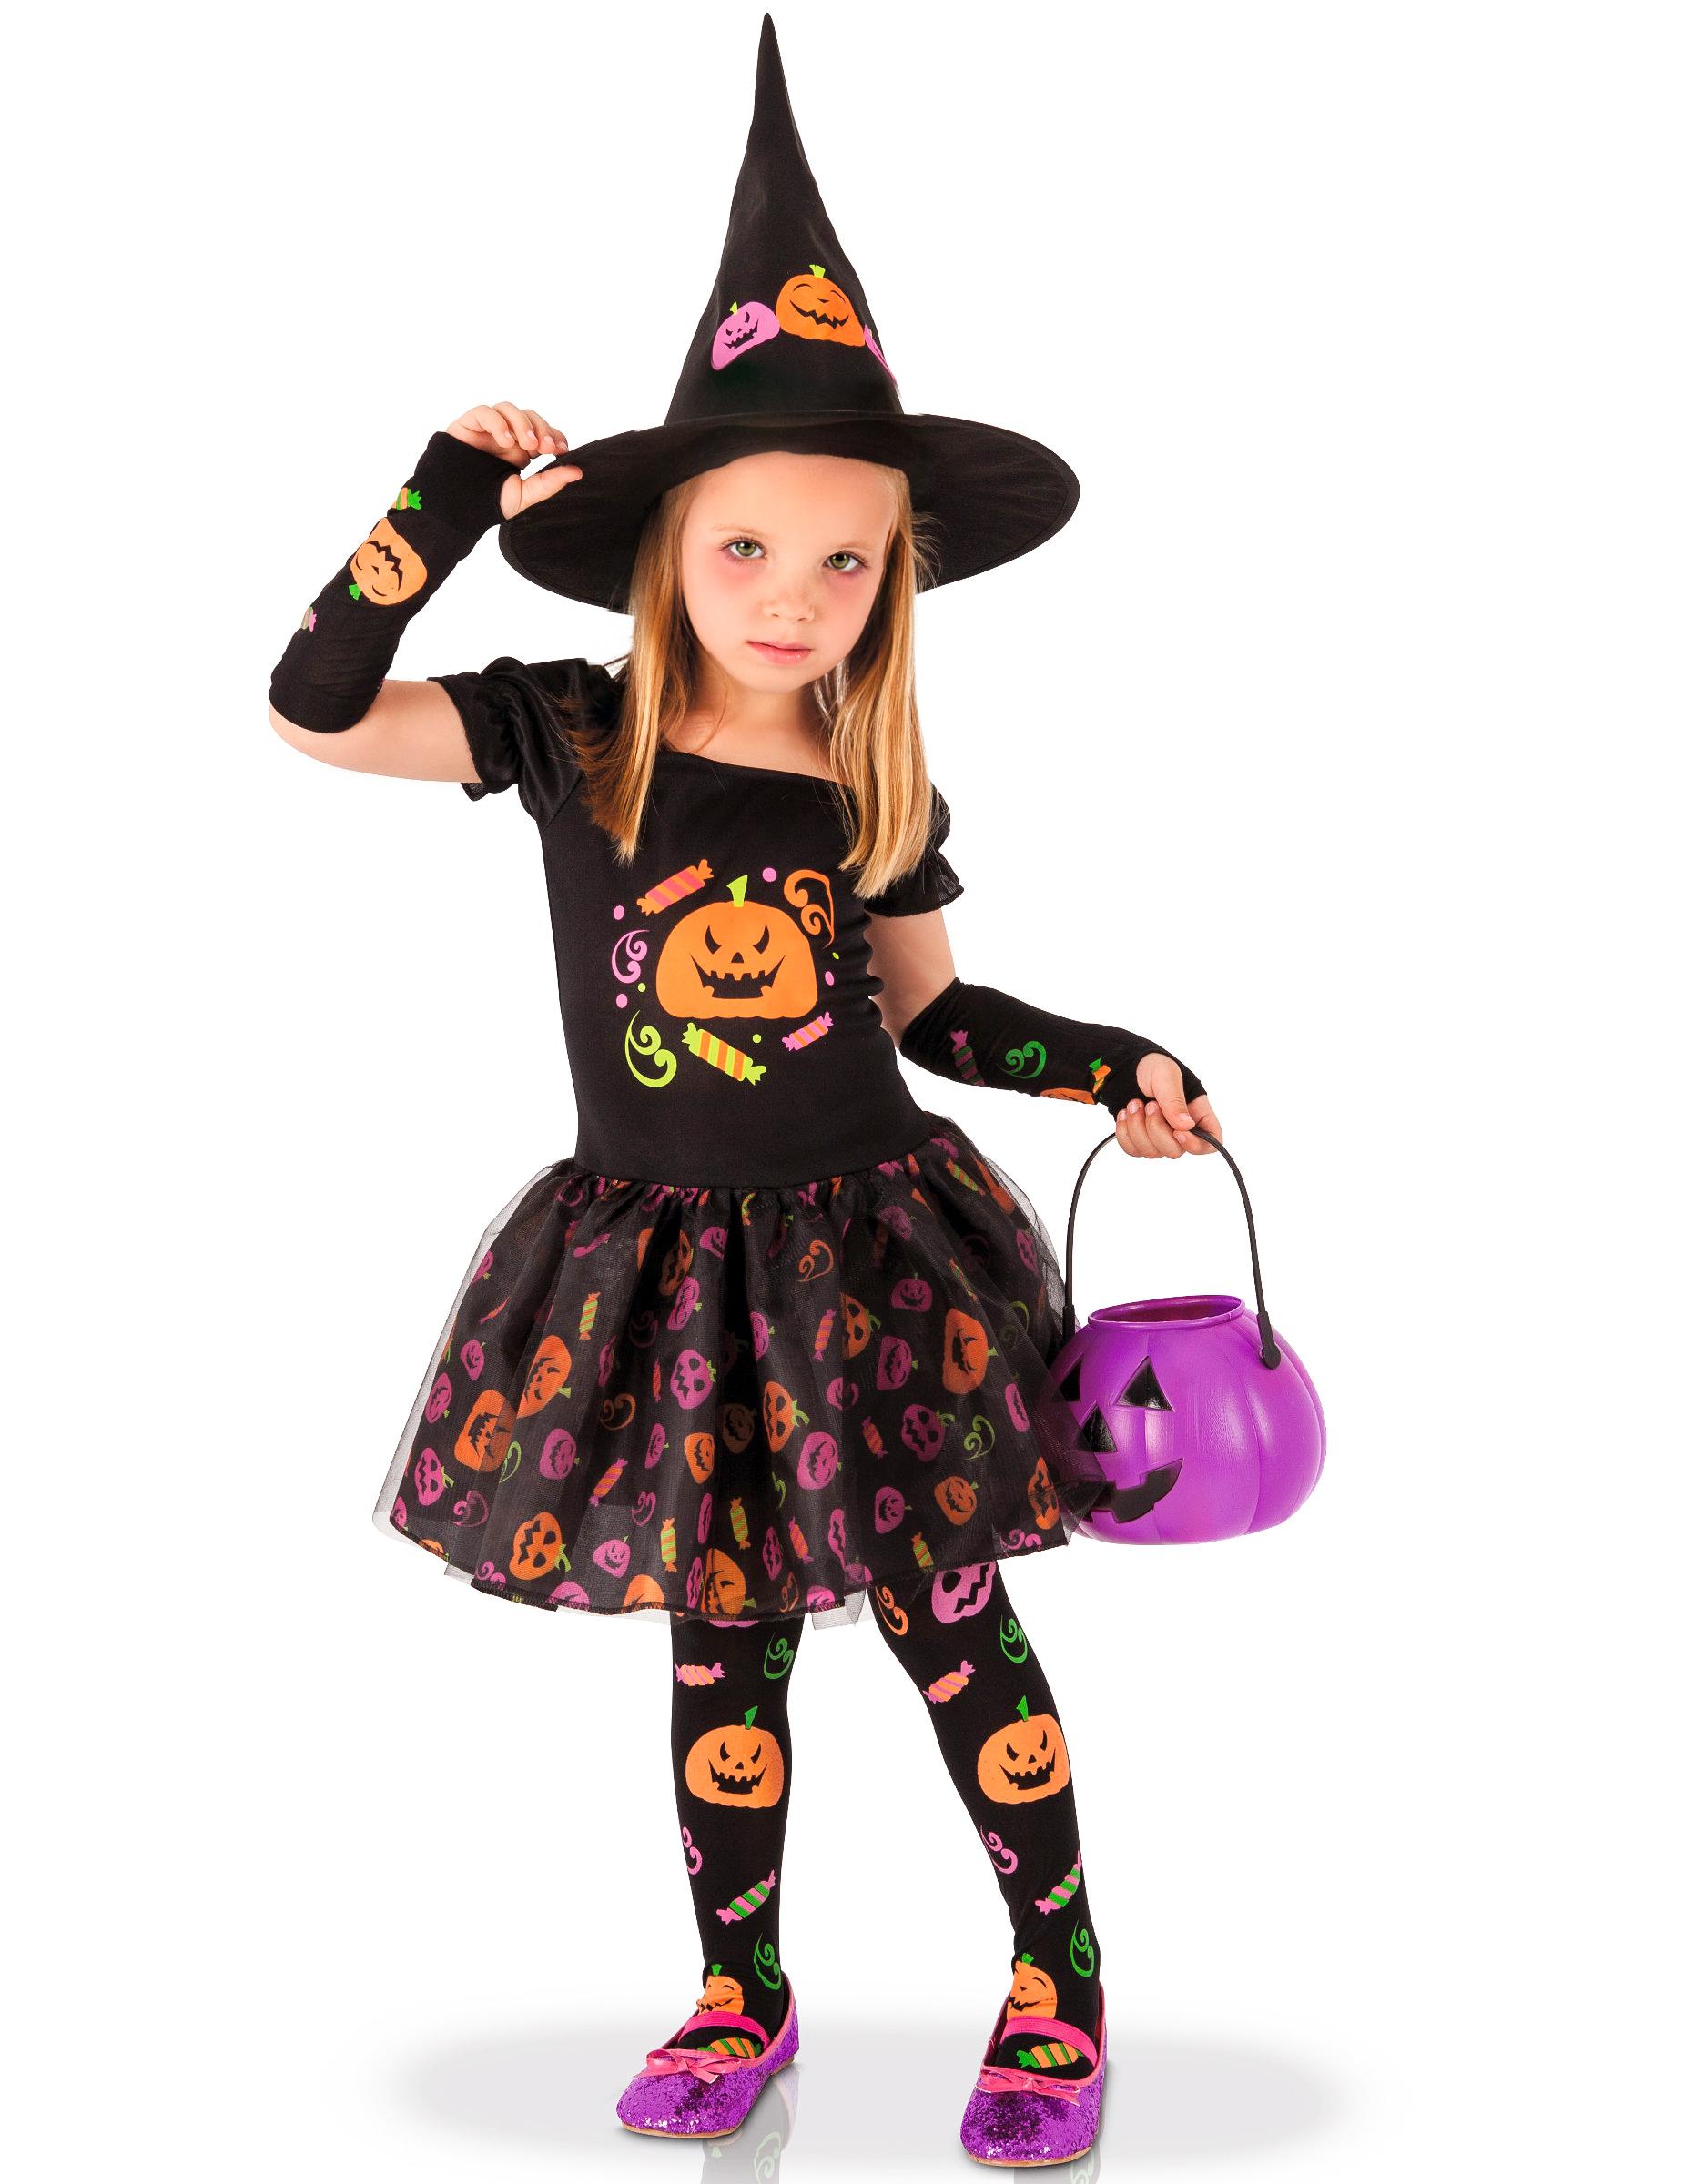 Costume da strega con zucche per bambina su VegaooParty 9fec7e5d3d8e